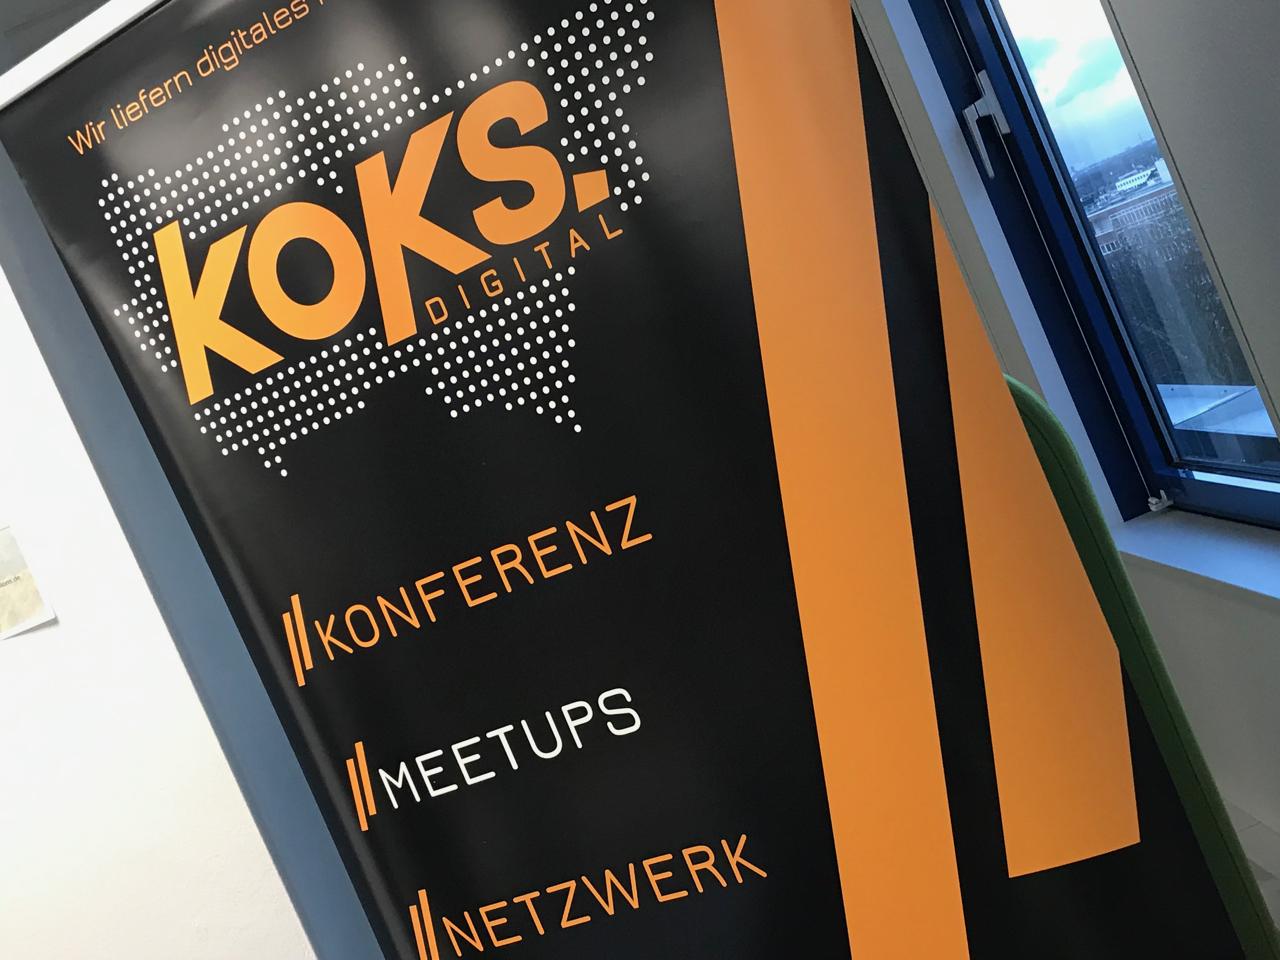 Koks.Digital Meetup